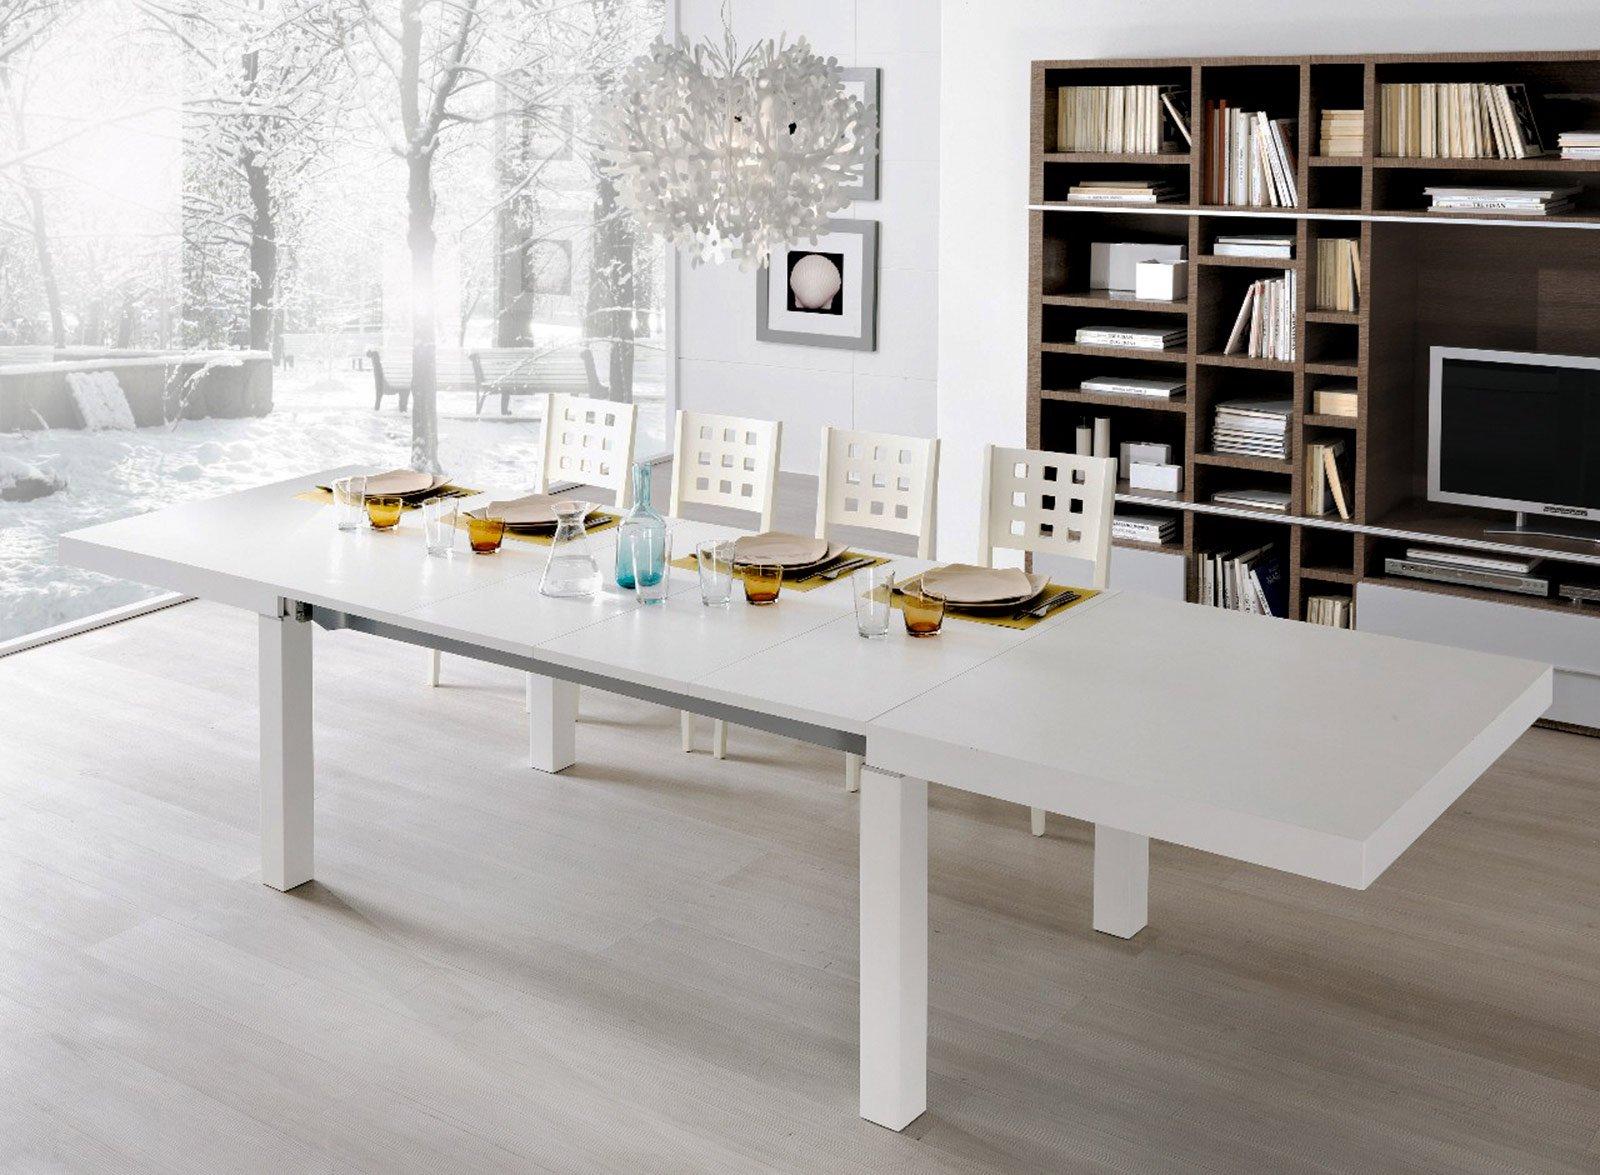 Tavoli Da Pranzo In Legno: Tavolo legno tavoli. Tavoli da pranzo ...